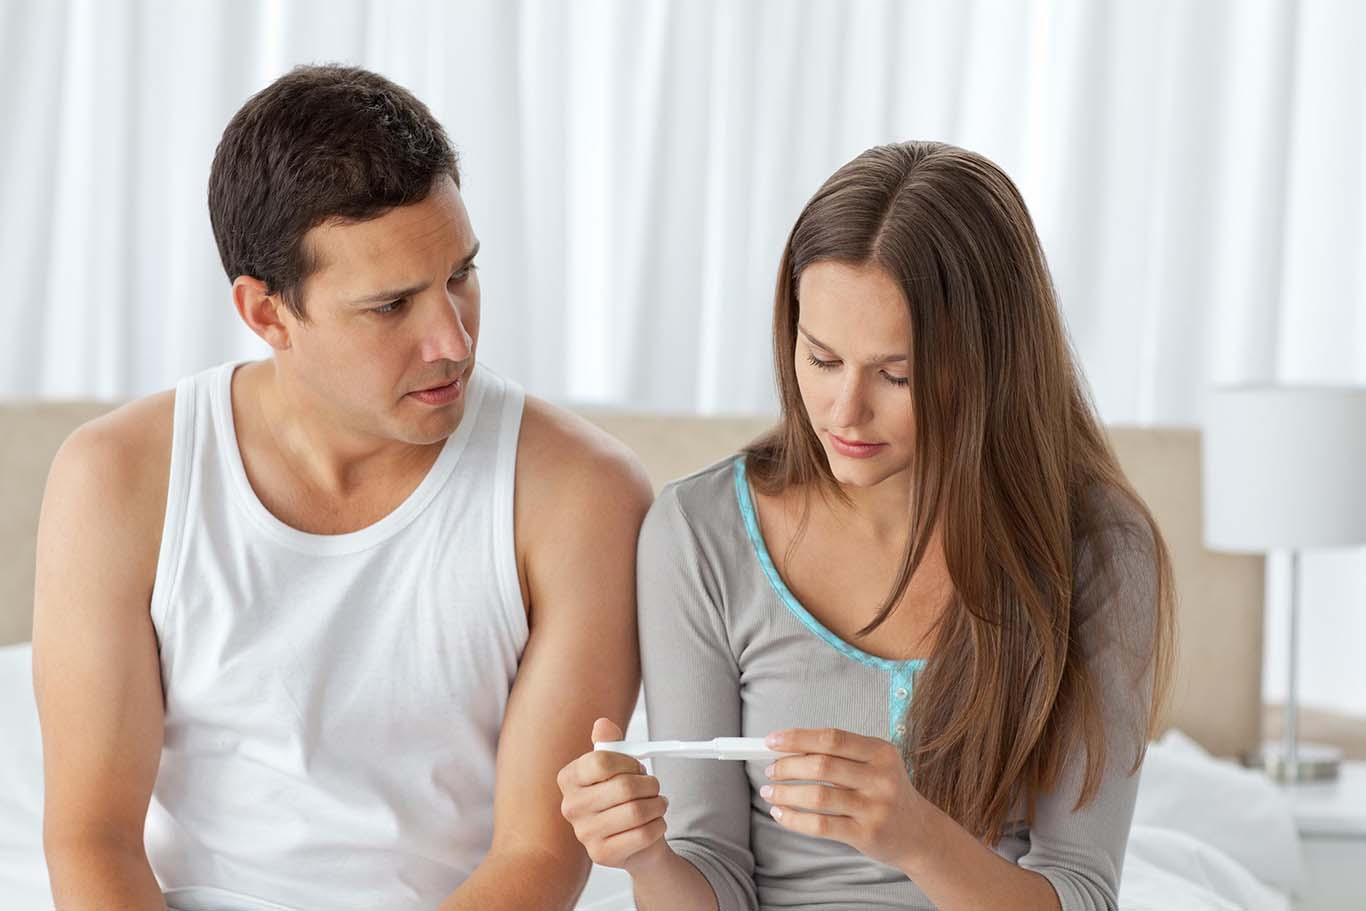 galeria-causas-de-infertilidad-y-esterilidad-instituto_1-bernabeu